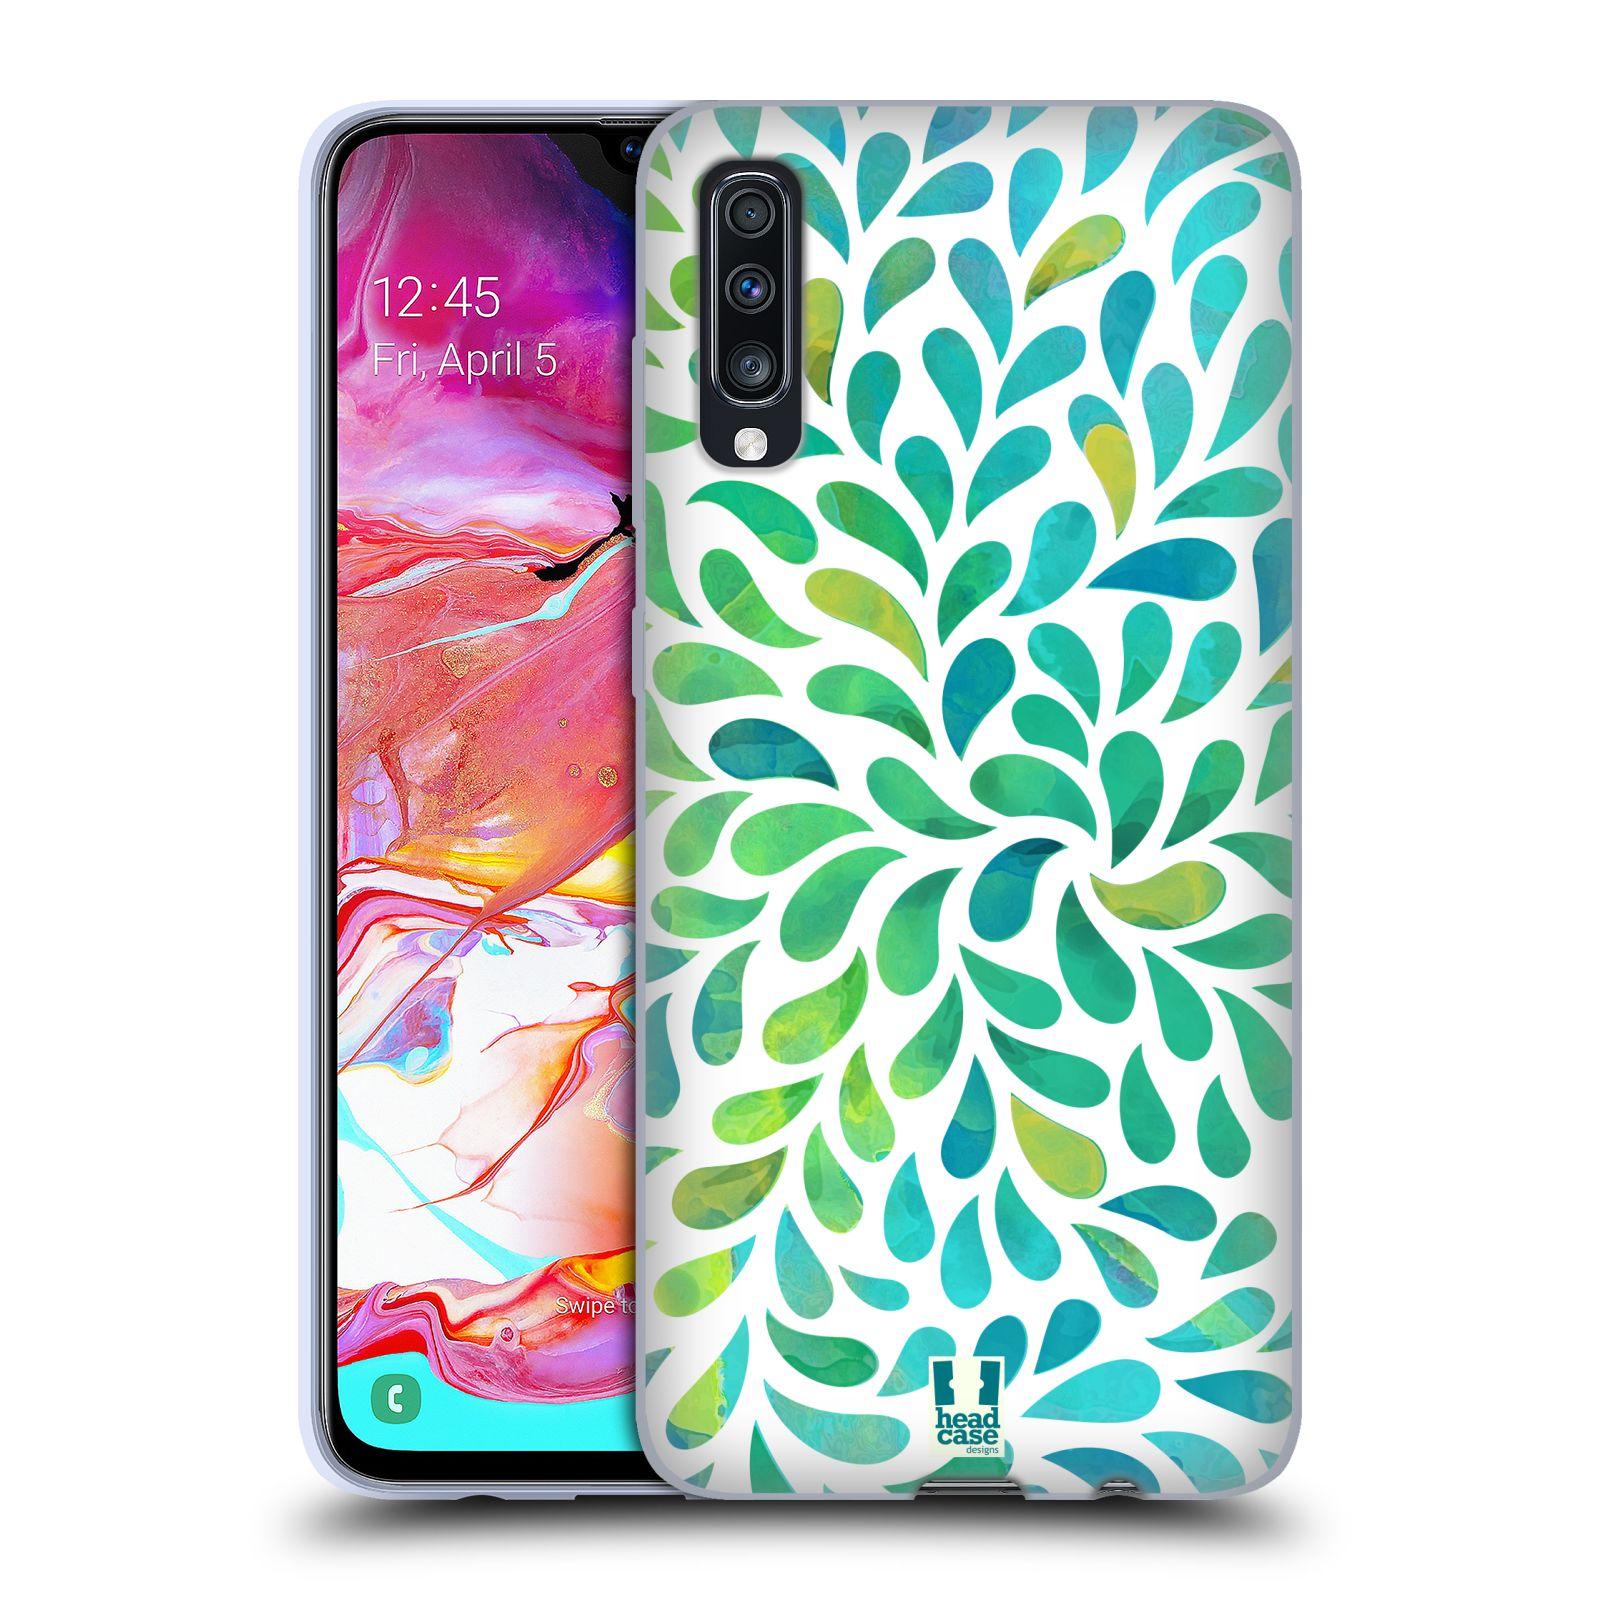 Silikonové pouzdro na mobil Samsung Galaxy A70 - Head Case - Droplet Wave Kapičky